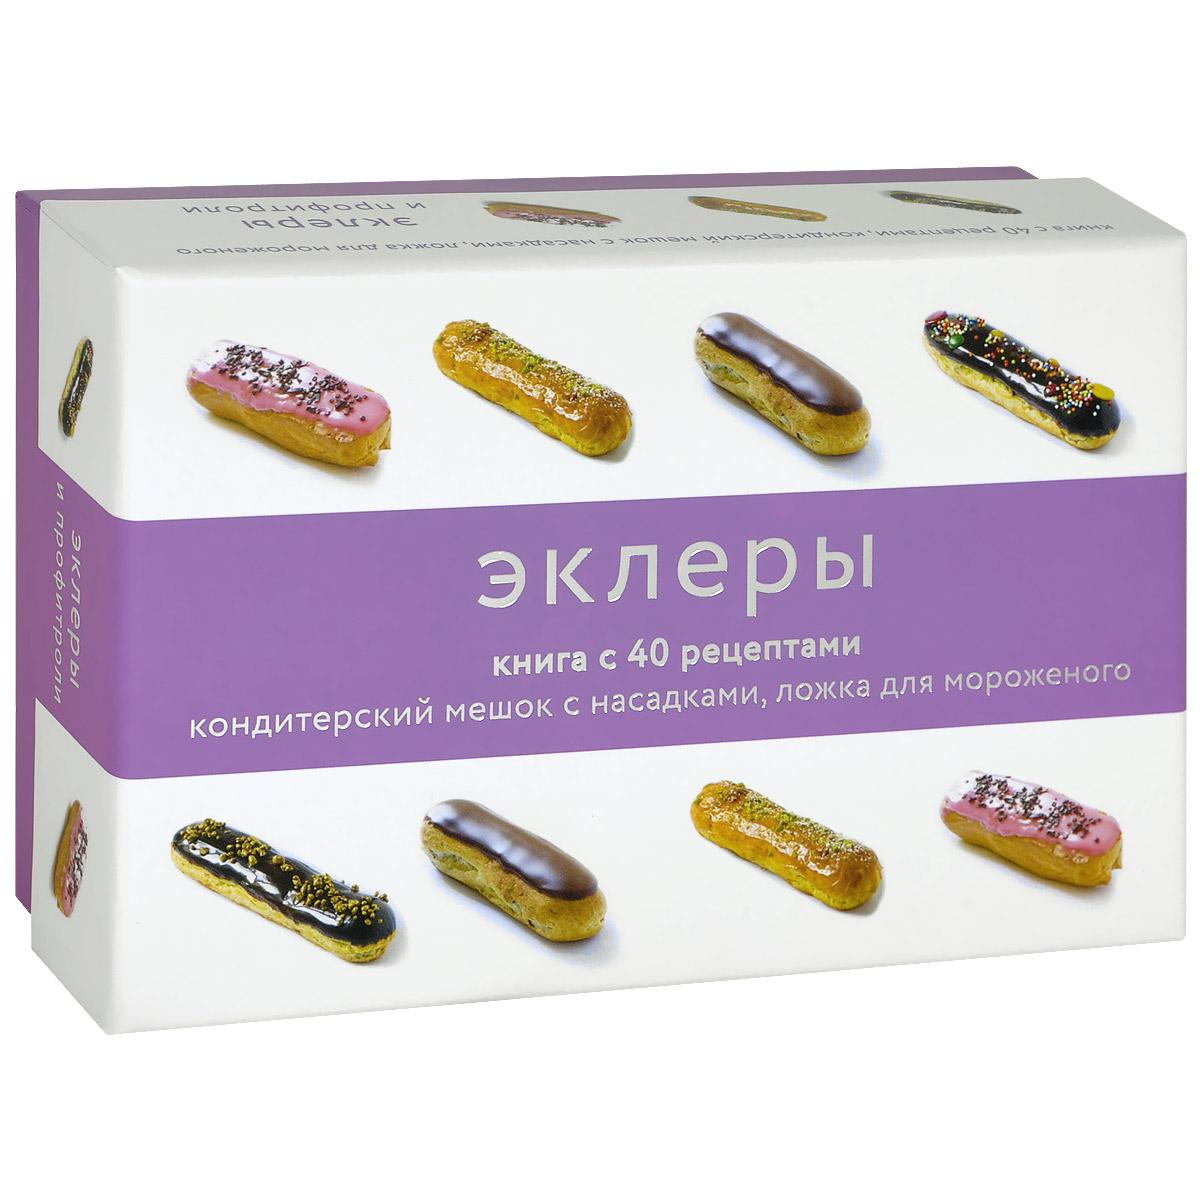 Эклеры и профитроли (книга + набор для приготовления эклеров) ваза 29 5 см х 21 см х 34 см